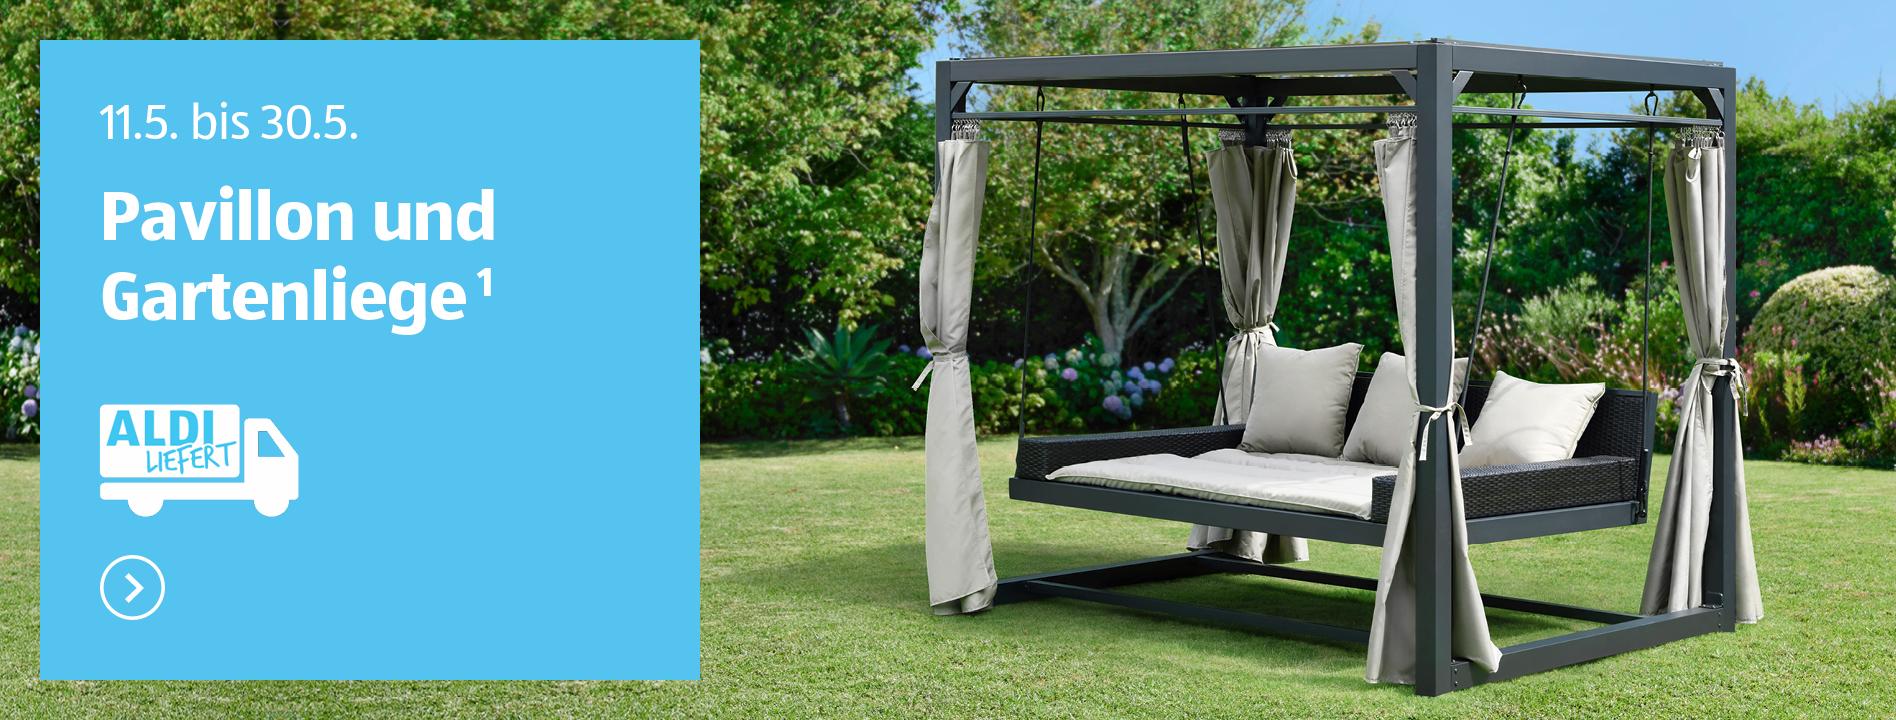 Full Size of Aldi Gartenliege 2020 Sd Aktuelle Angebote Werbung Relaxsessel Garten Wohnzimmer Aldi Gartenliege 2020